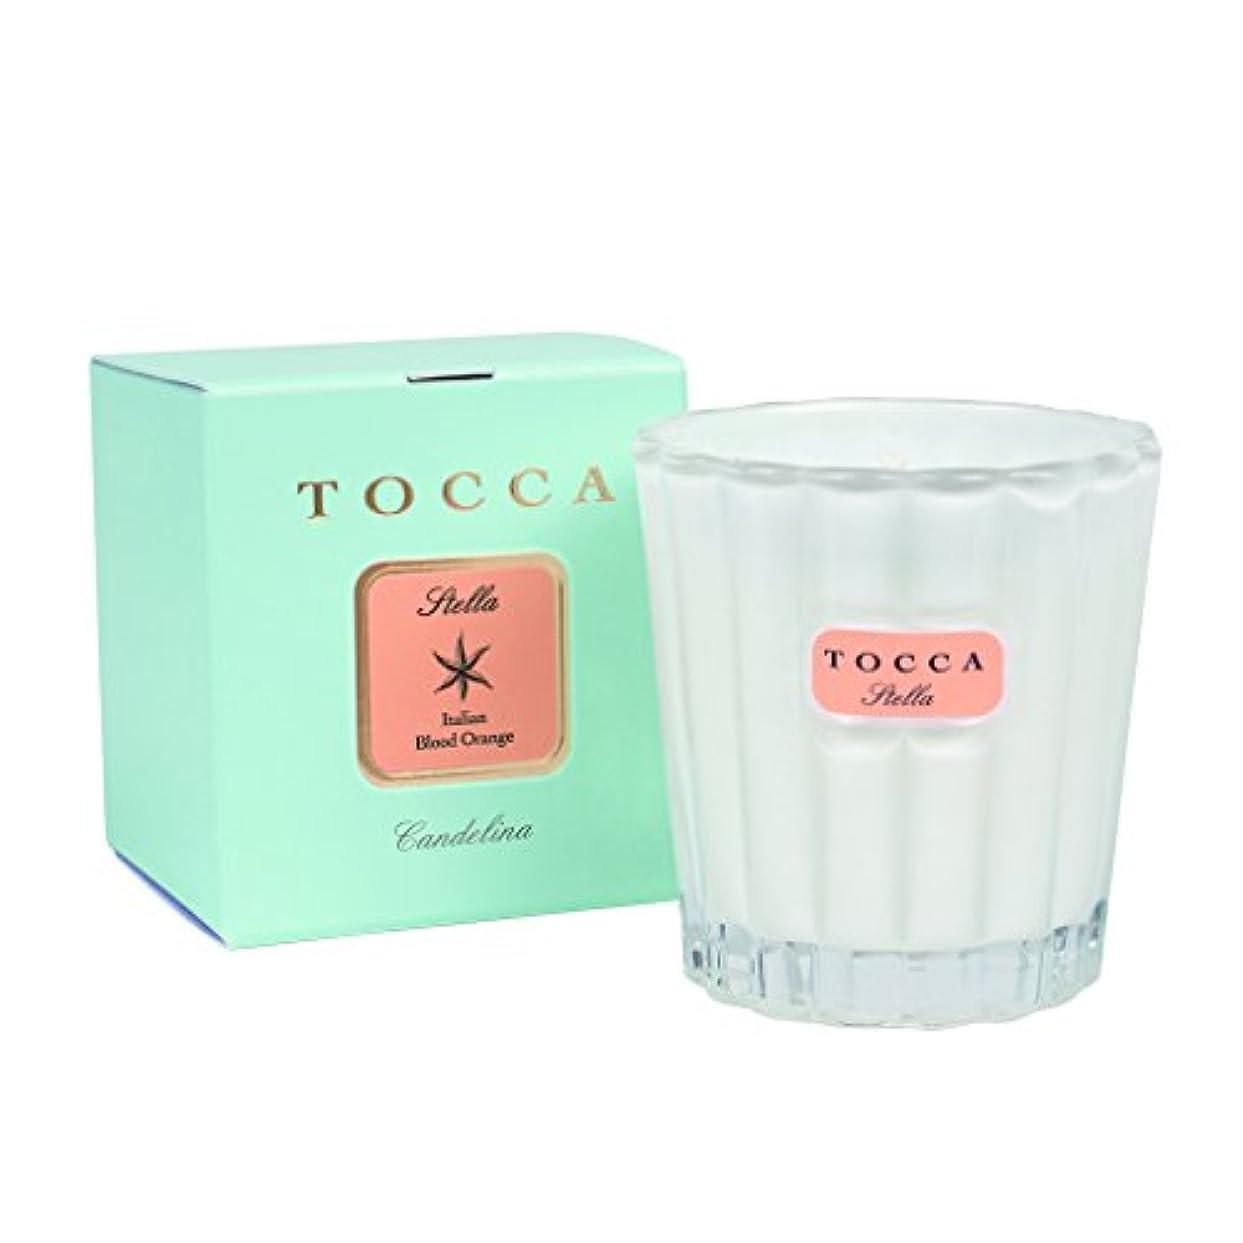 イベントオフセット城トッカ(TOCCA) キャンデリーナ ステラ 88g (キャンドル ろうそく シトラス系でありながらほんのり甘く苦味を感じることのないさわやかな香り)